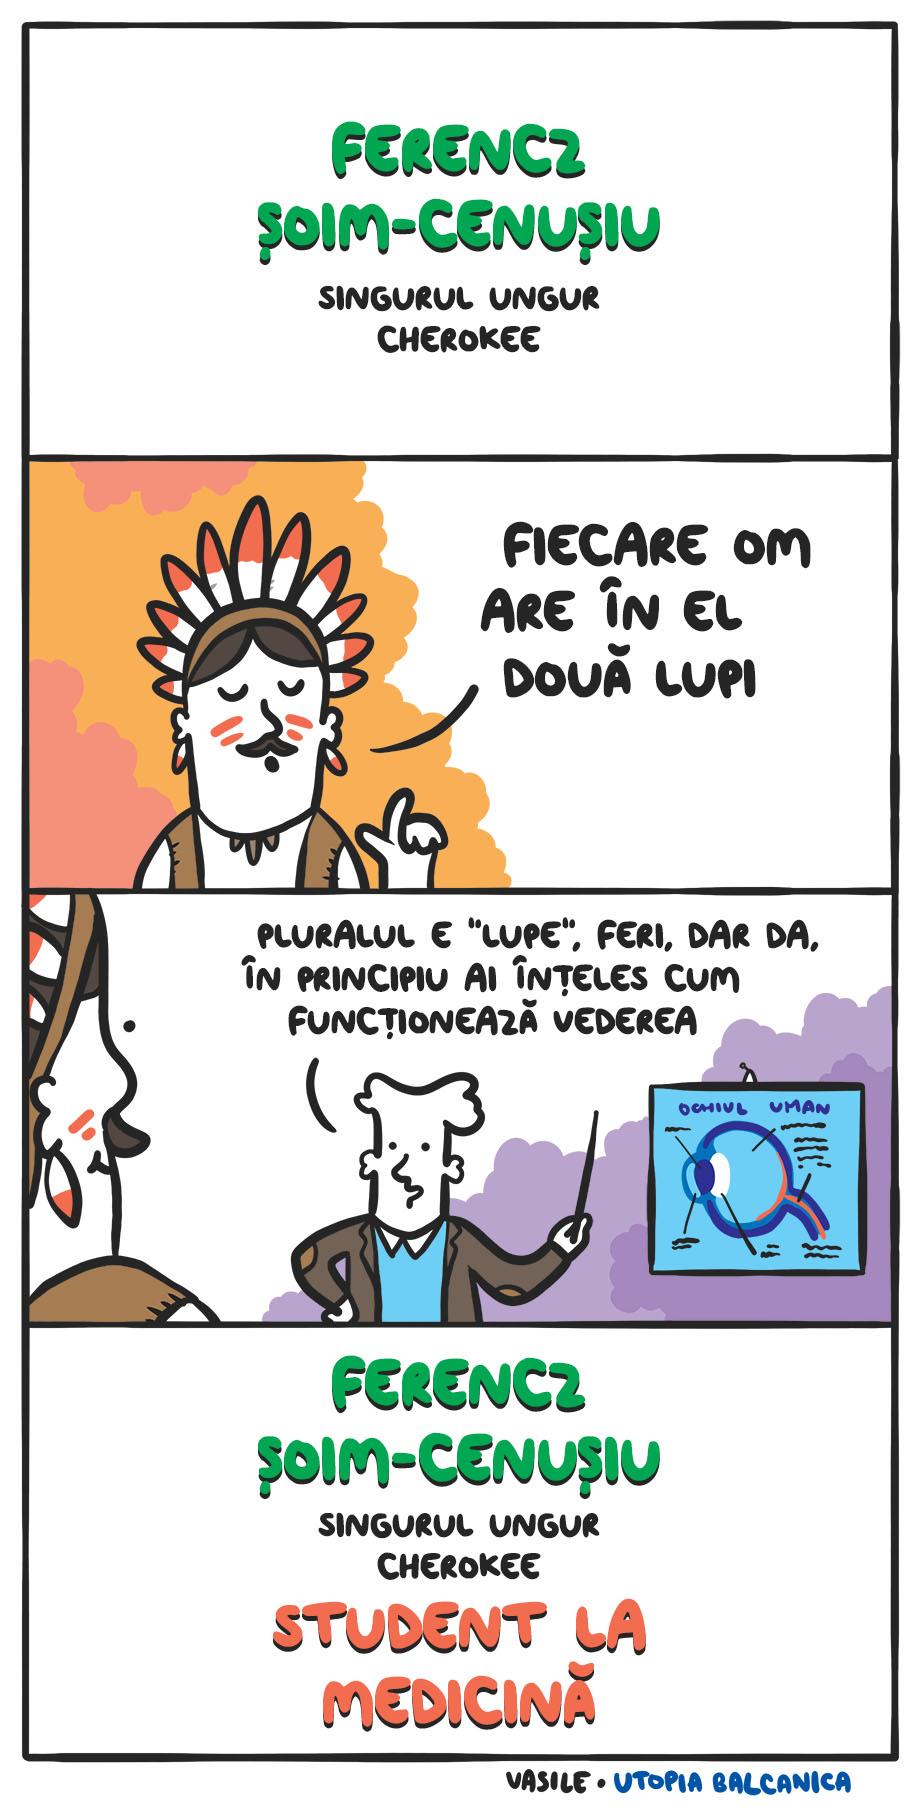 """Titlu: Ferencz Şoim-Cenuşiu, singurul ungur cherokee! Feri: """"Fiecare om are în el două lupi."""" Profu' arătînd spre o diagramă cu ochiul uman: """"Pluralul e lupe, Feri, dar da, în principiu ai înţeles cum funcţionează vederea."""" Titlu: Ferencz Şoim-Cenuşiu, singurul ungur cherokee student la medicină!"""